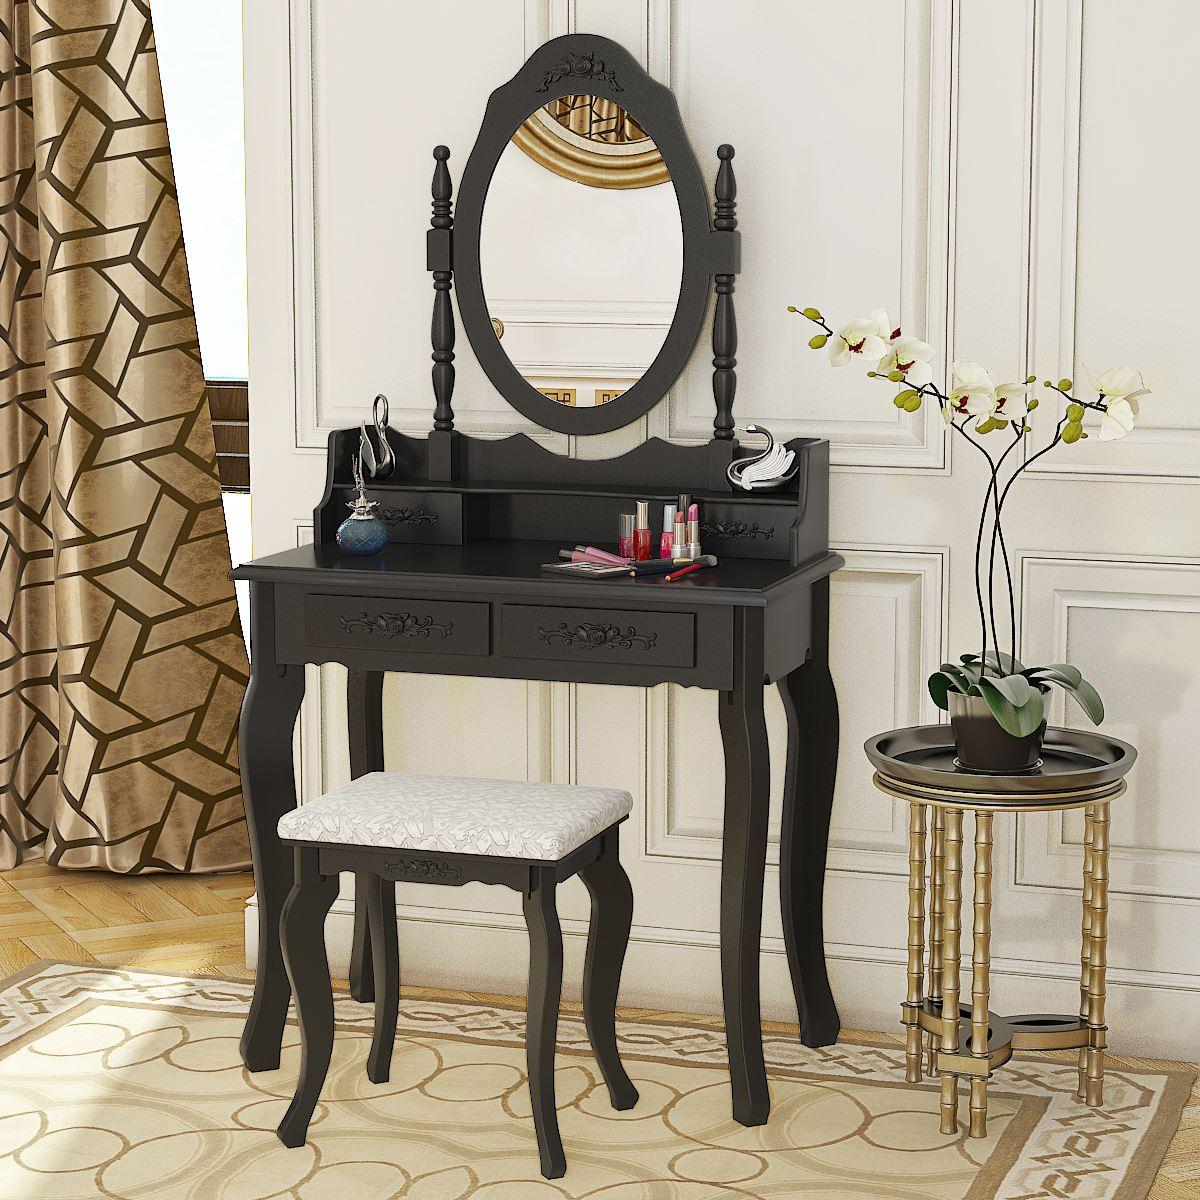 Panana 4 ящика туалетный столик набор туалетный столик с мягким табуретом спальня макияж стол черный - 2